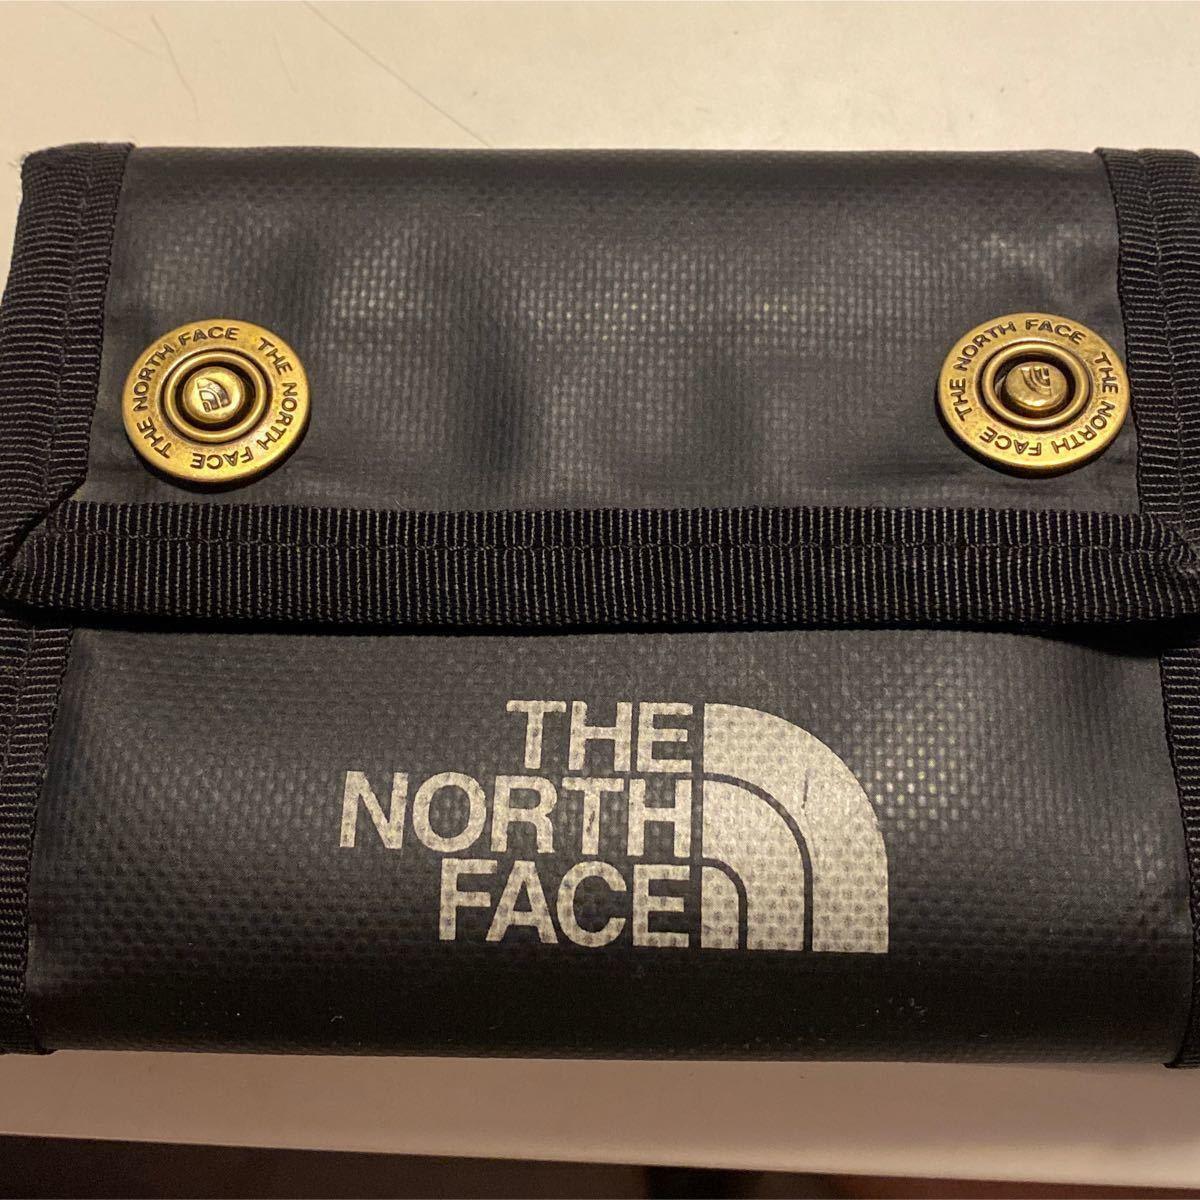 THE NORTH FACE  ザノースフェイス ノースフェイス財布 ザ・ノース・フェイス WALLET 二つ折り財布